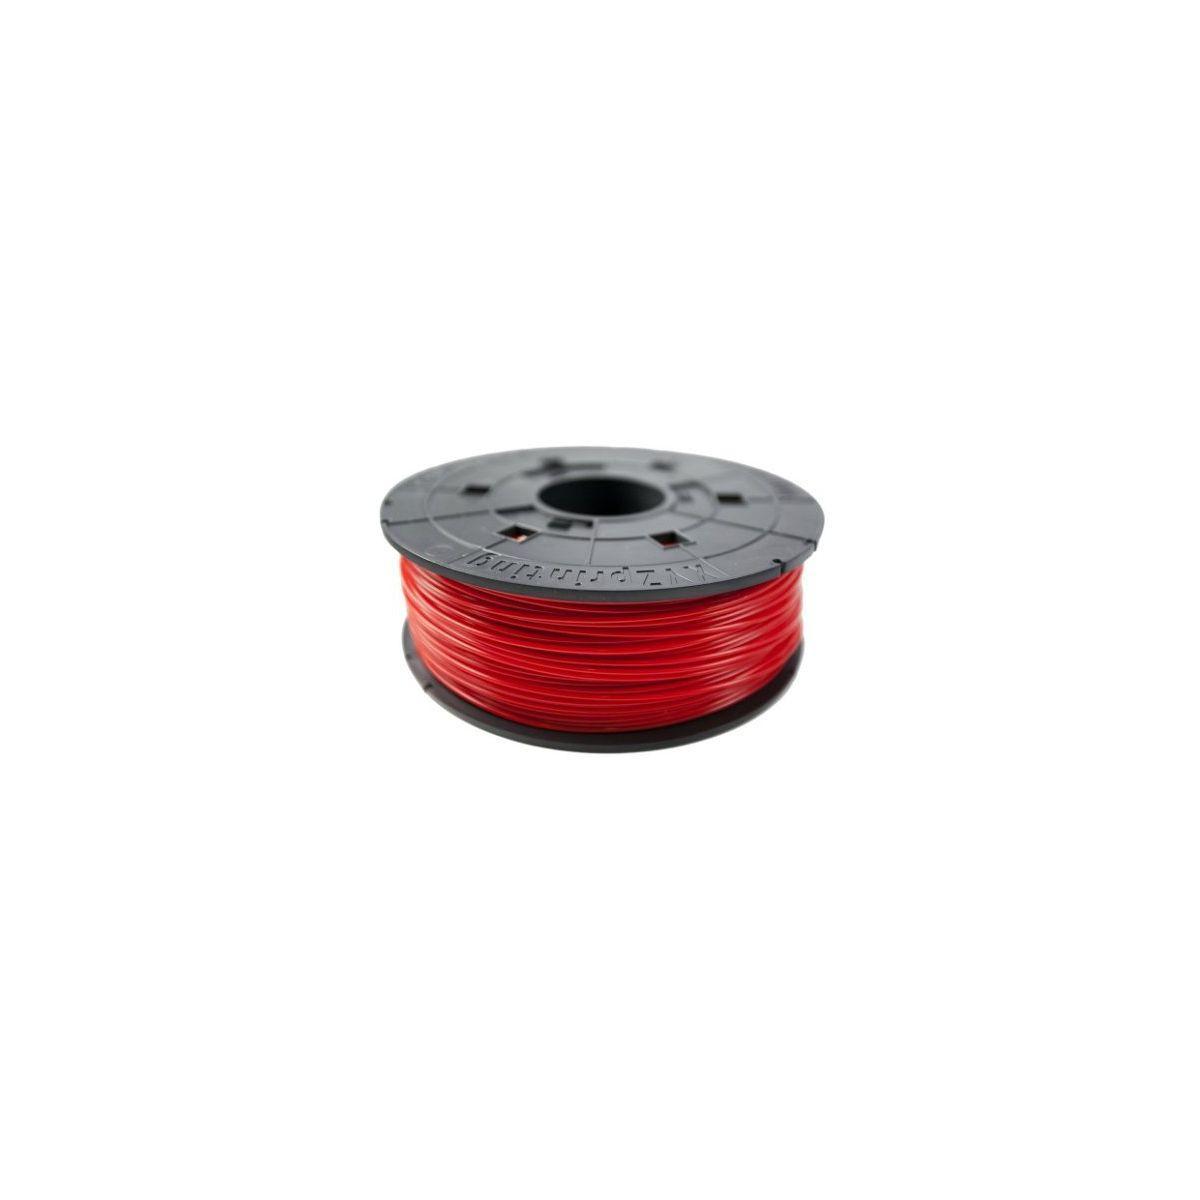 Filament 3d xyz printing bobine recharge abs rouge - 2% de rem...